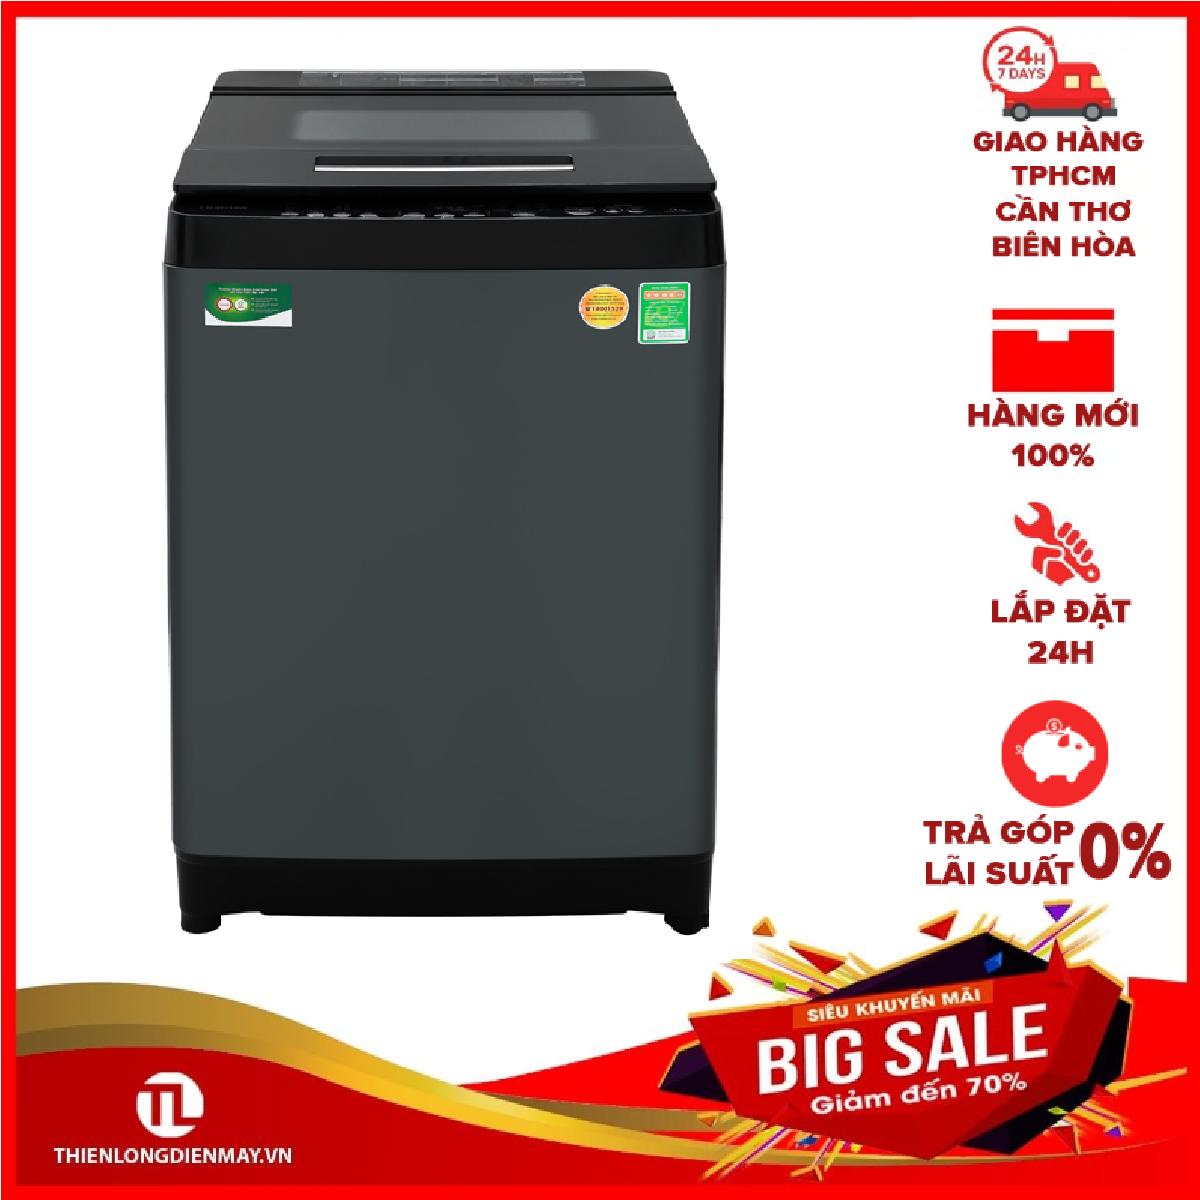 [GIAO HÀNG 2 - 15 NGÀY, TRỄ NHẤT 15.08] [Trả góp 0%]Máy giặt Toshiba Inverter 13 kg AW-DUJ1400GV KK